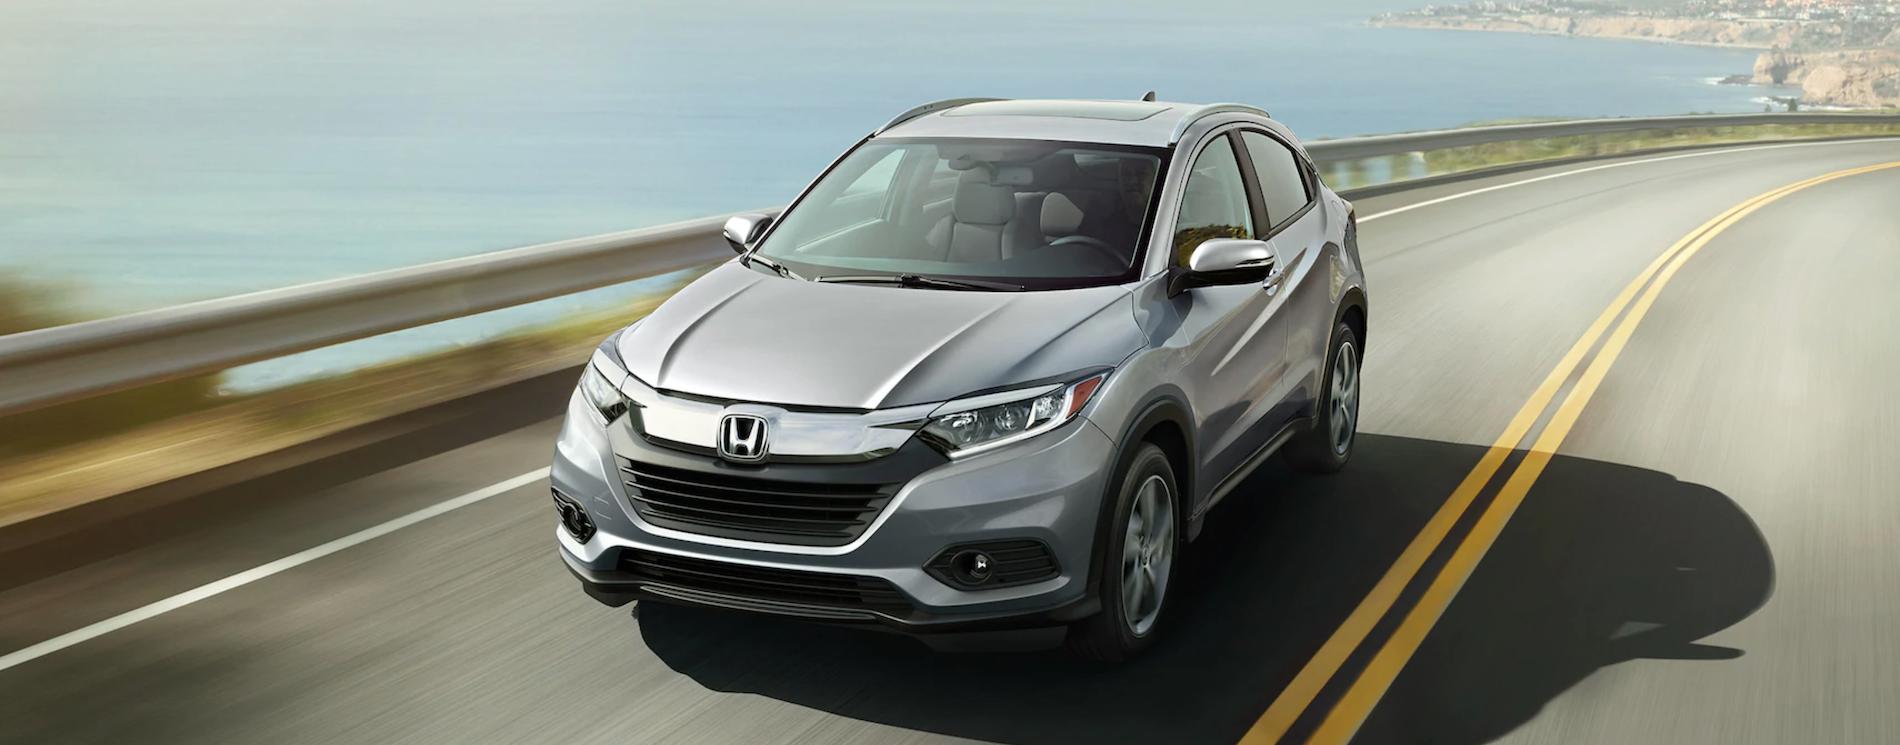 2021 Honda HR-V Exterior